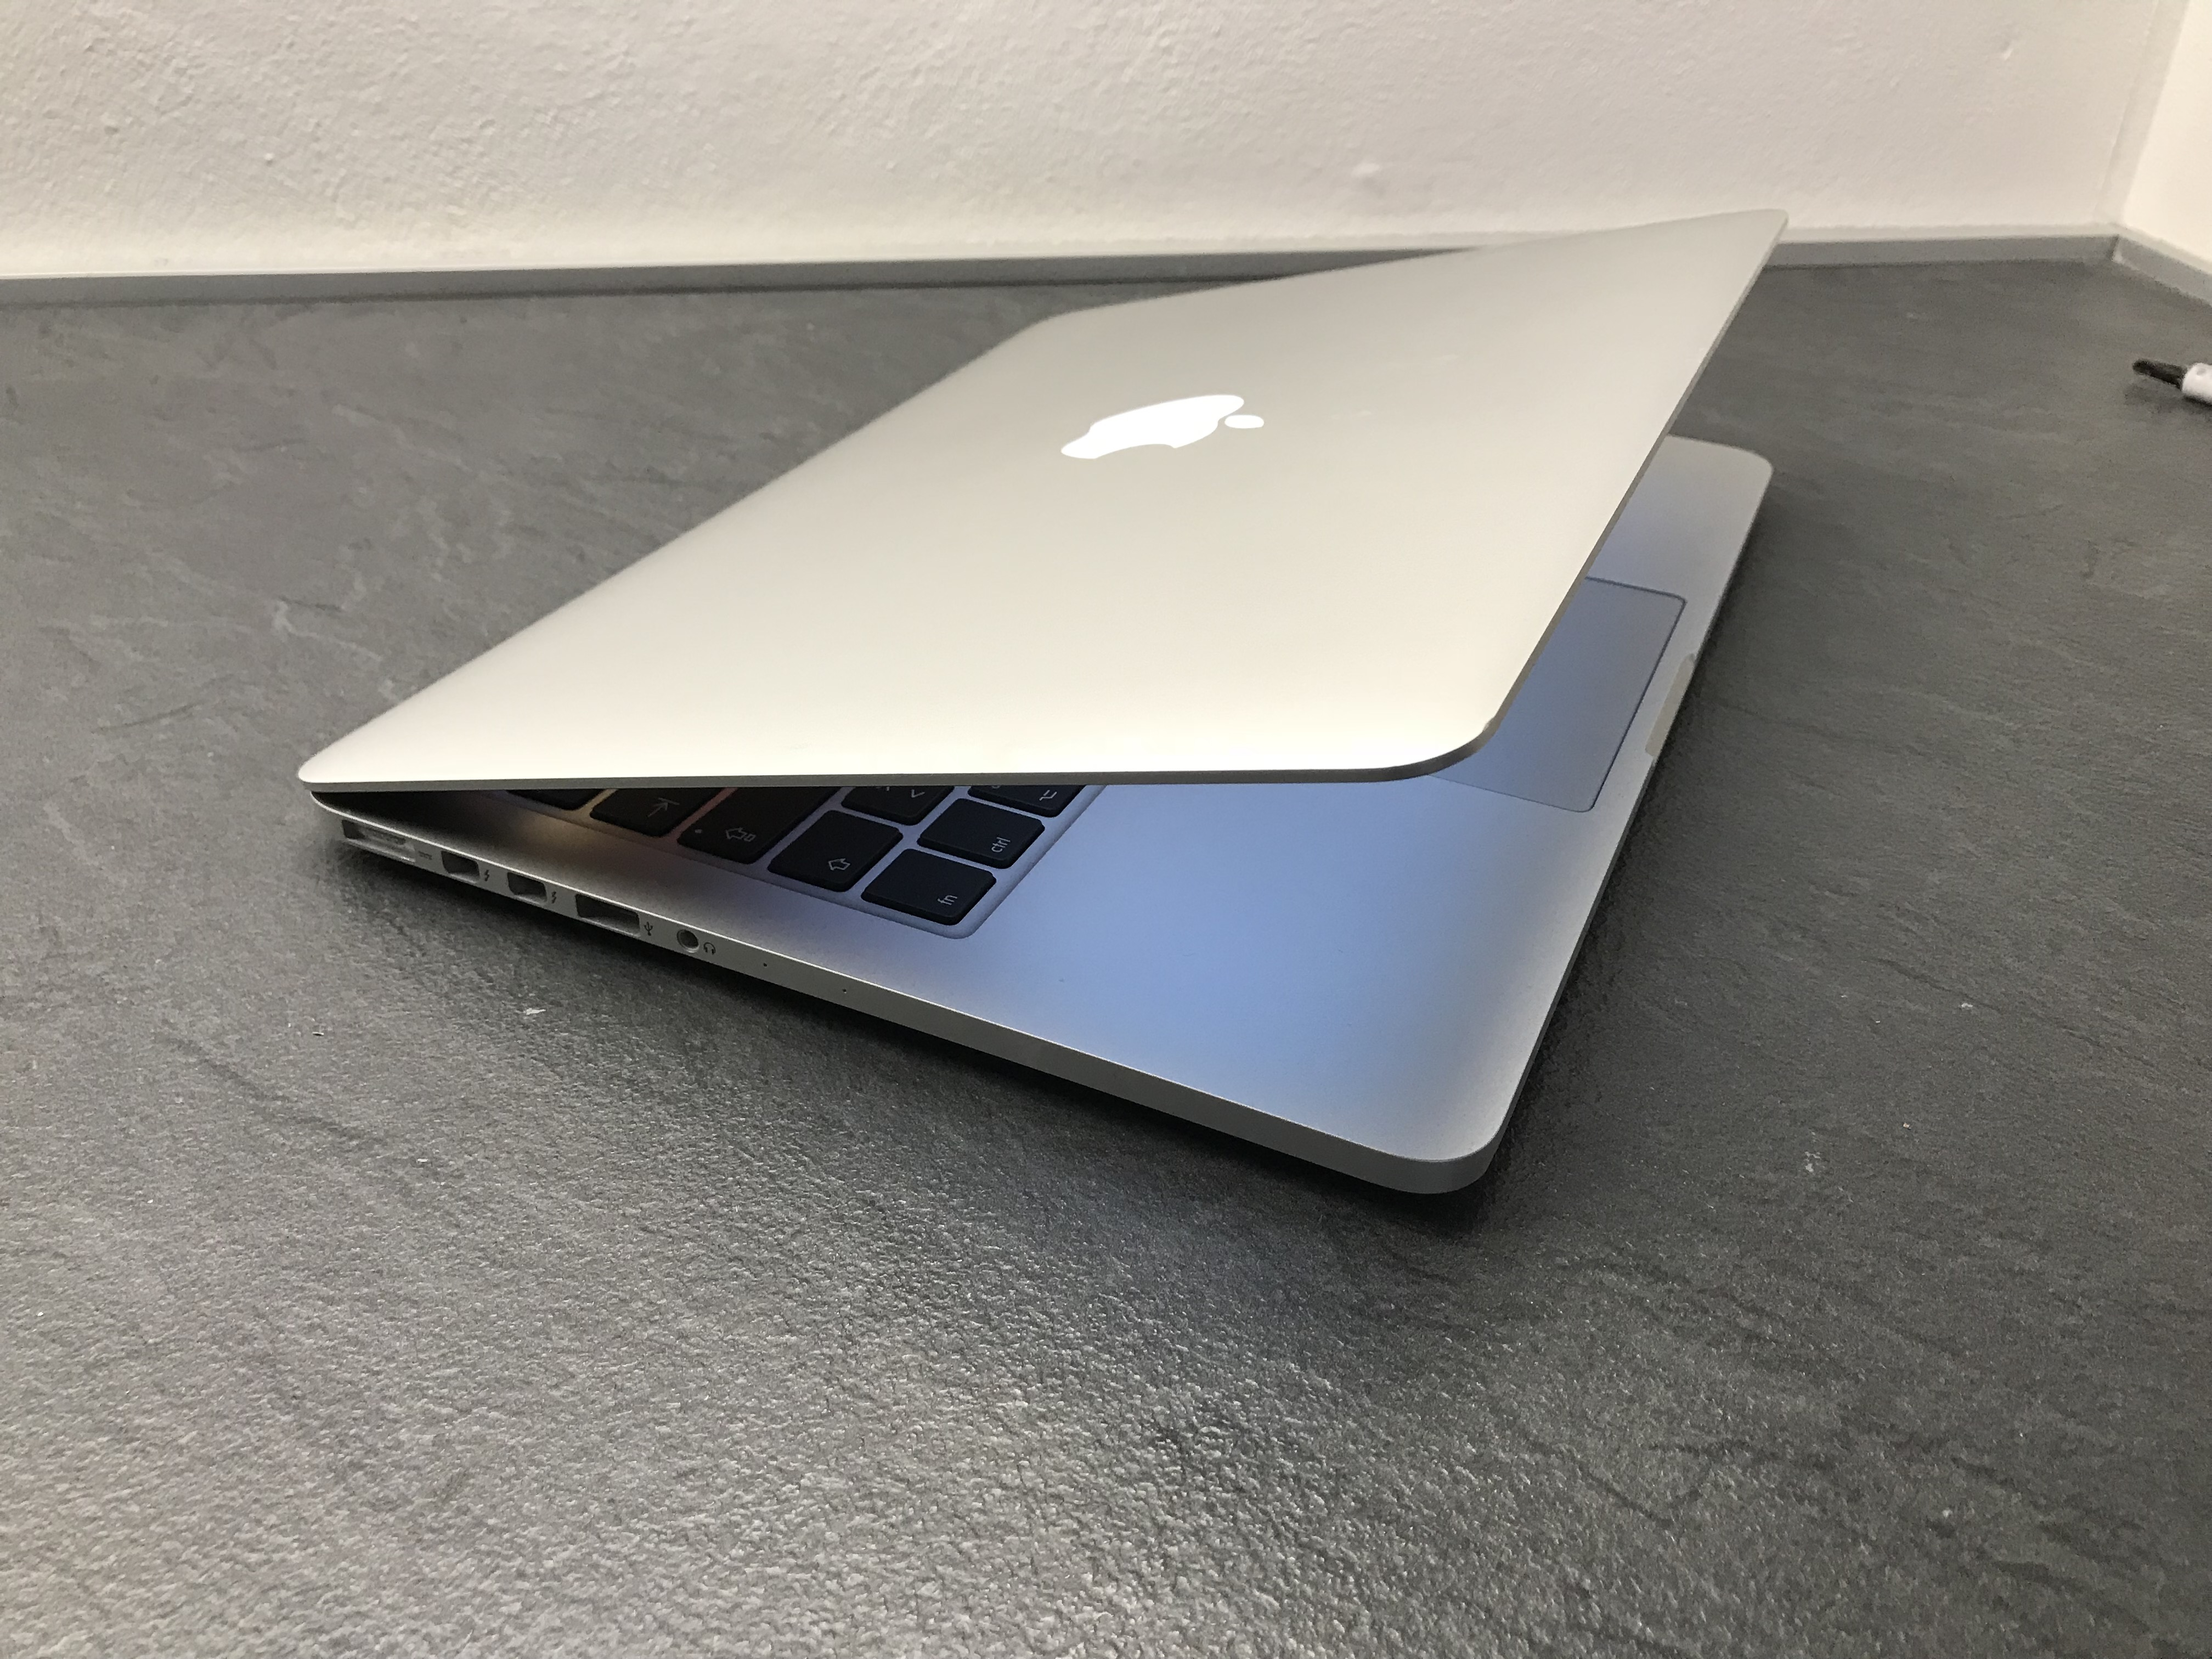 Macbook Pro 13 inizio 2014